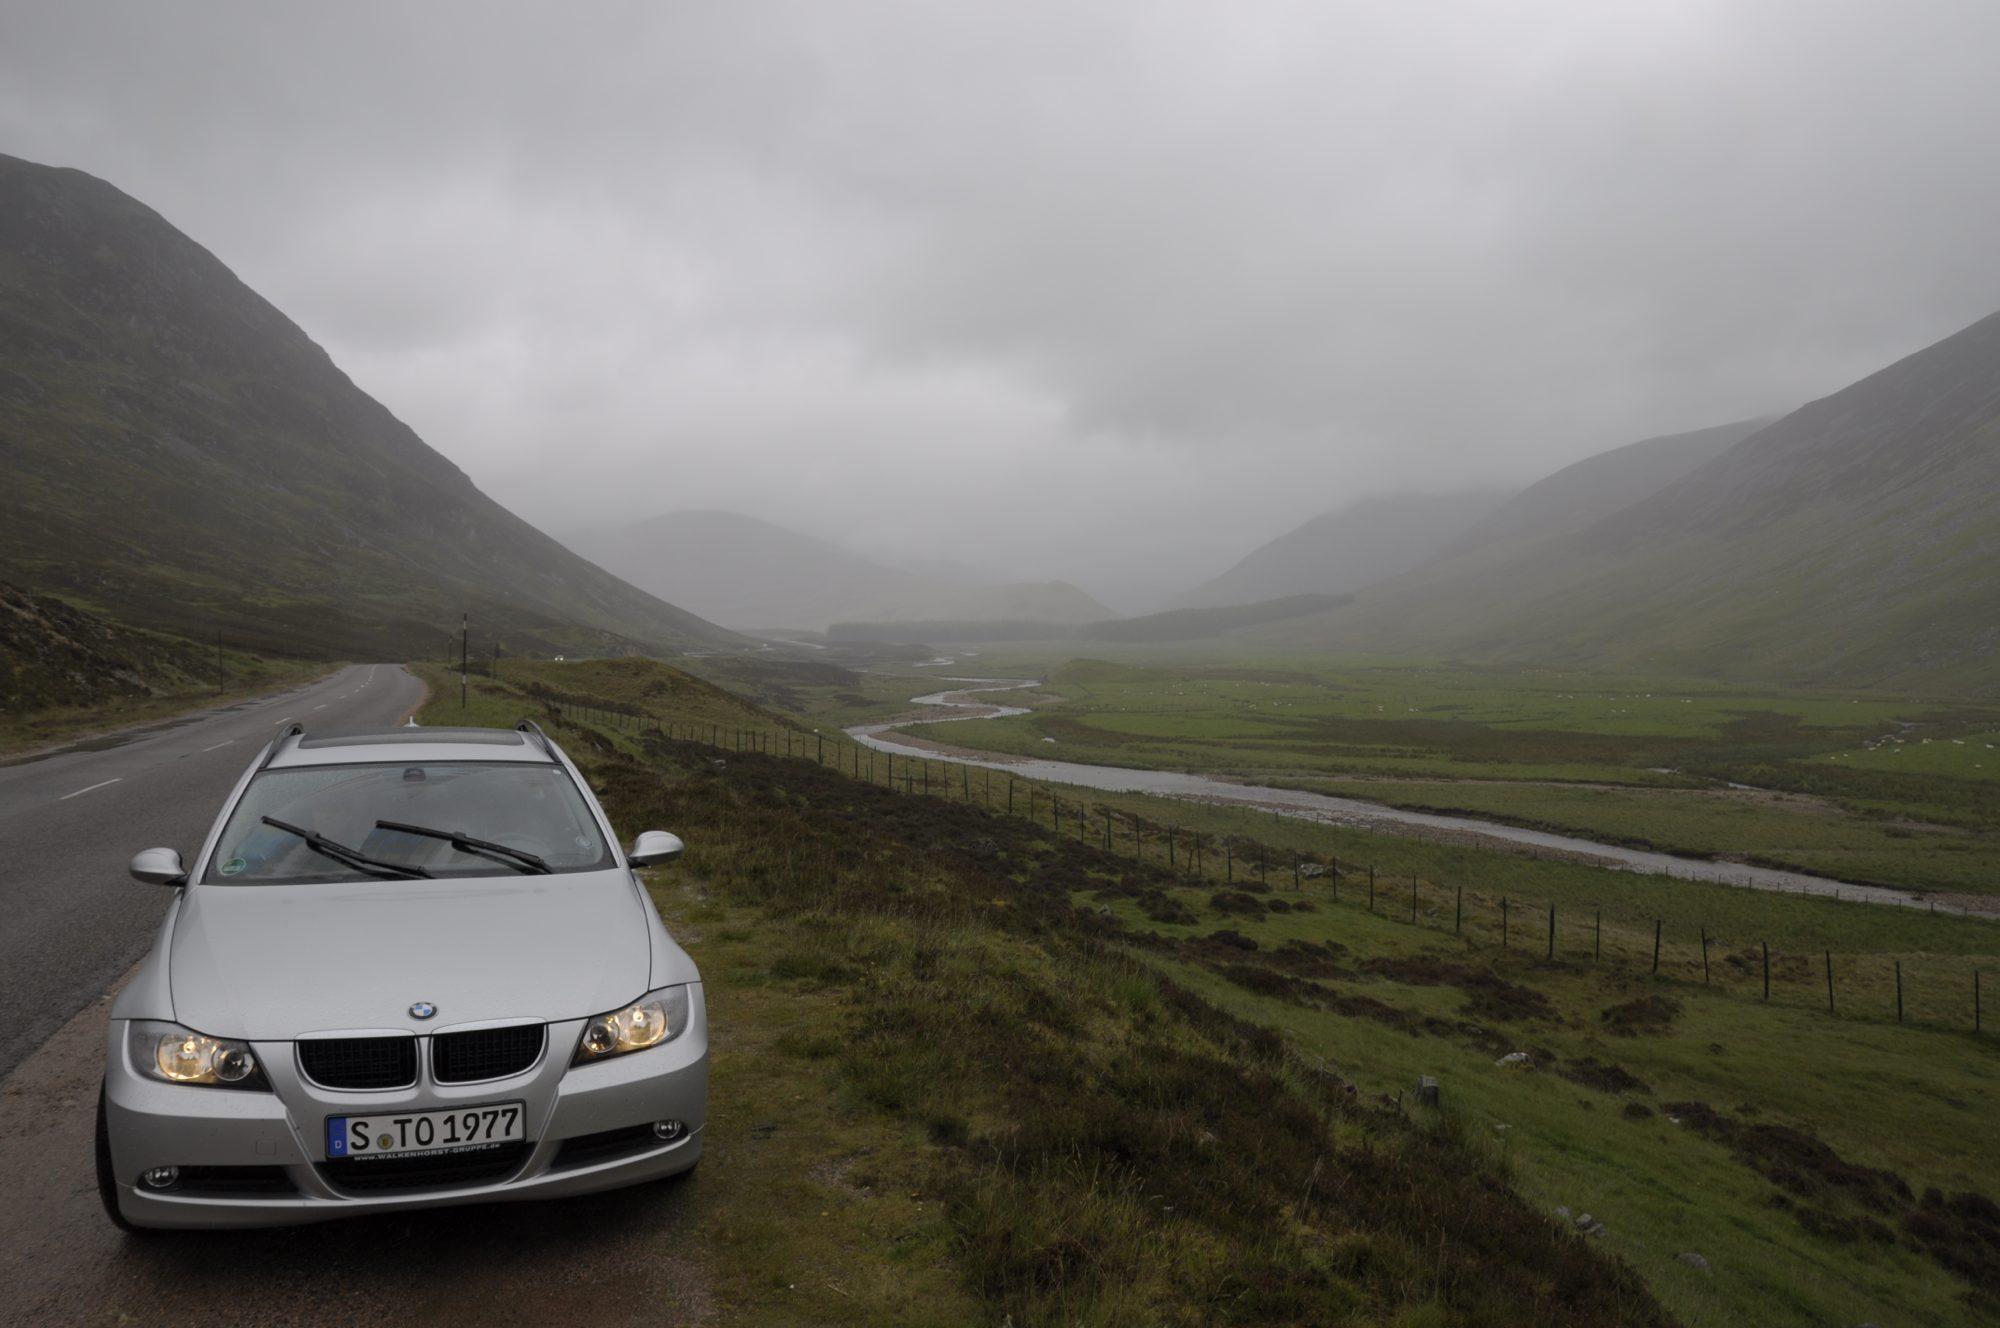 2011 - Schottland Tour. 5500 km in 2 Wochen.